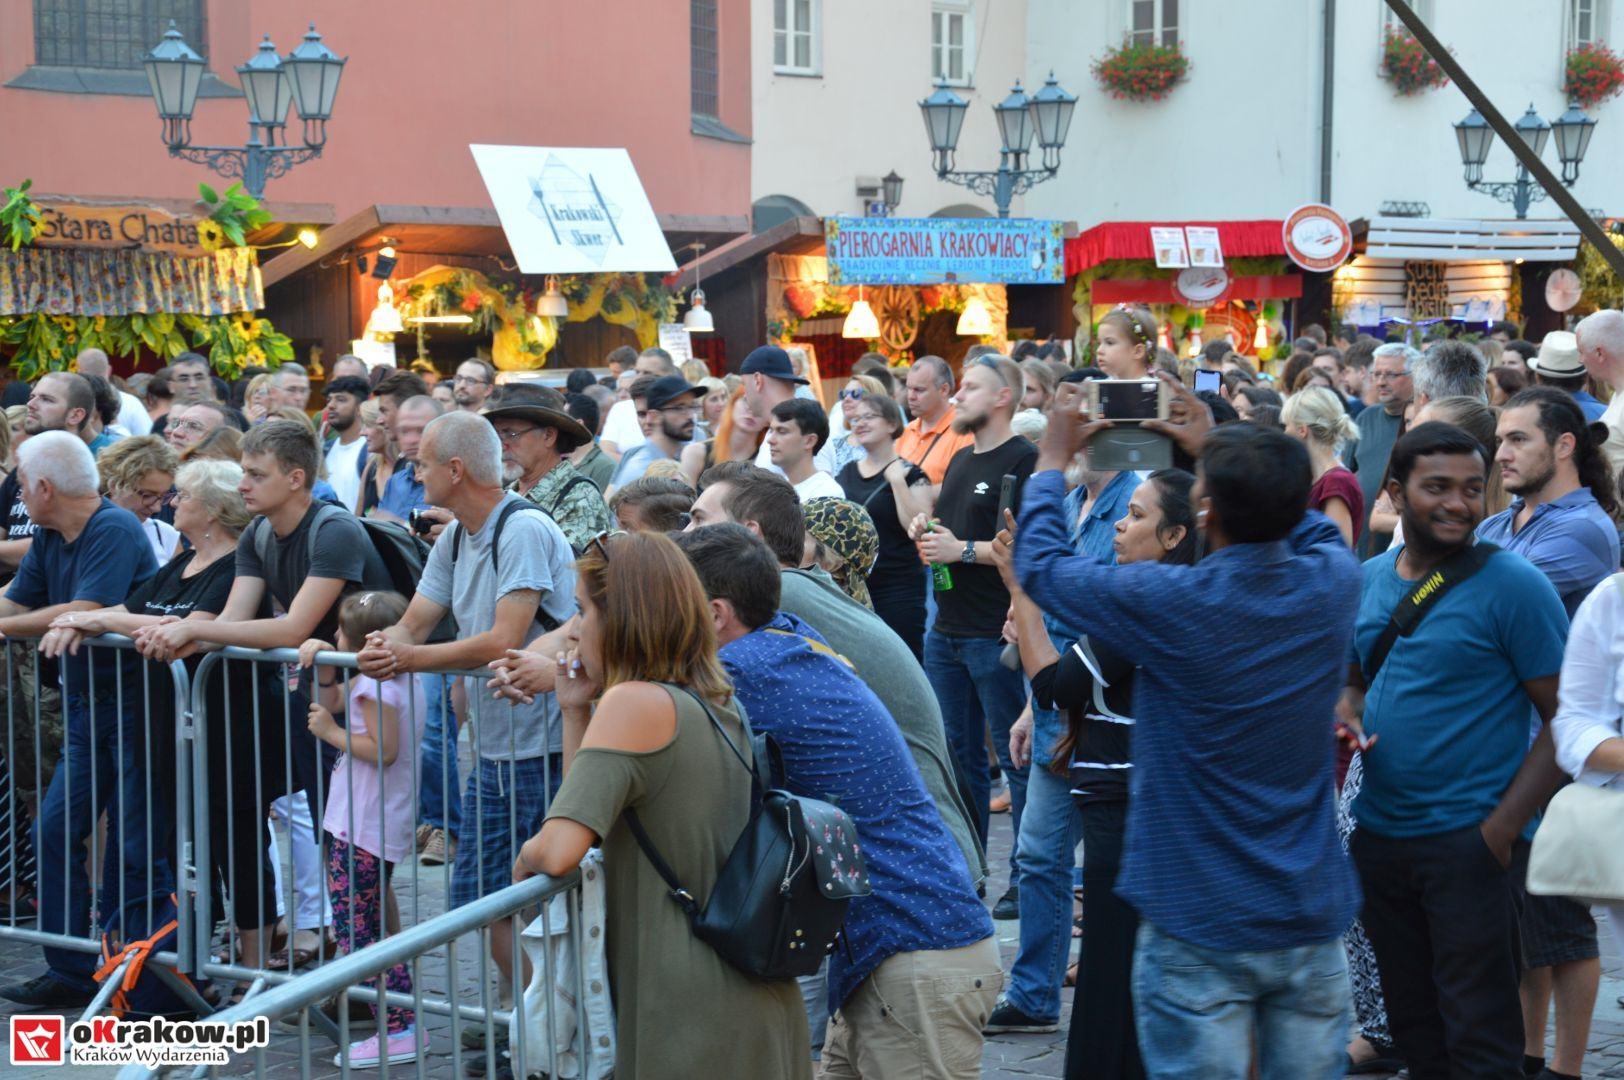 krakow festiwal pierogow maly rynek koncert cheap tobacco 164 150x150 - Galeria zdjęć Festiwal Pierogów Kraków 2018 + zdjęcia z koncertu Cheap Tobacco